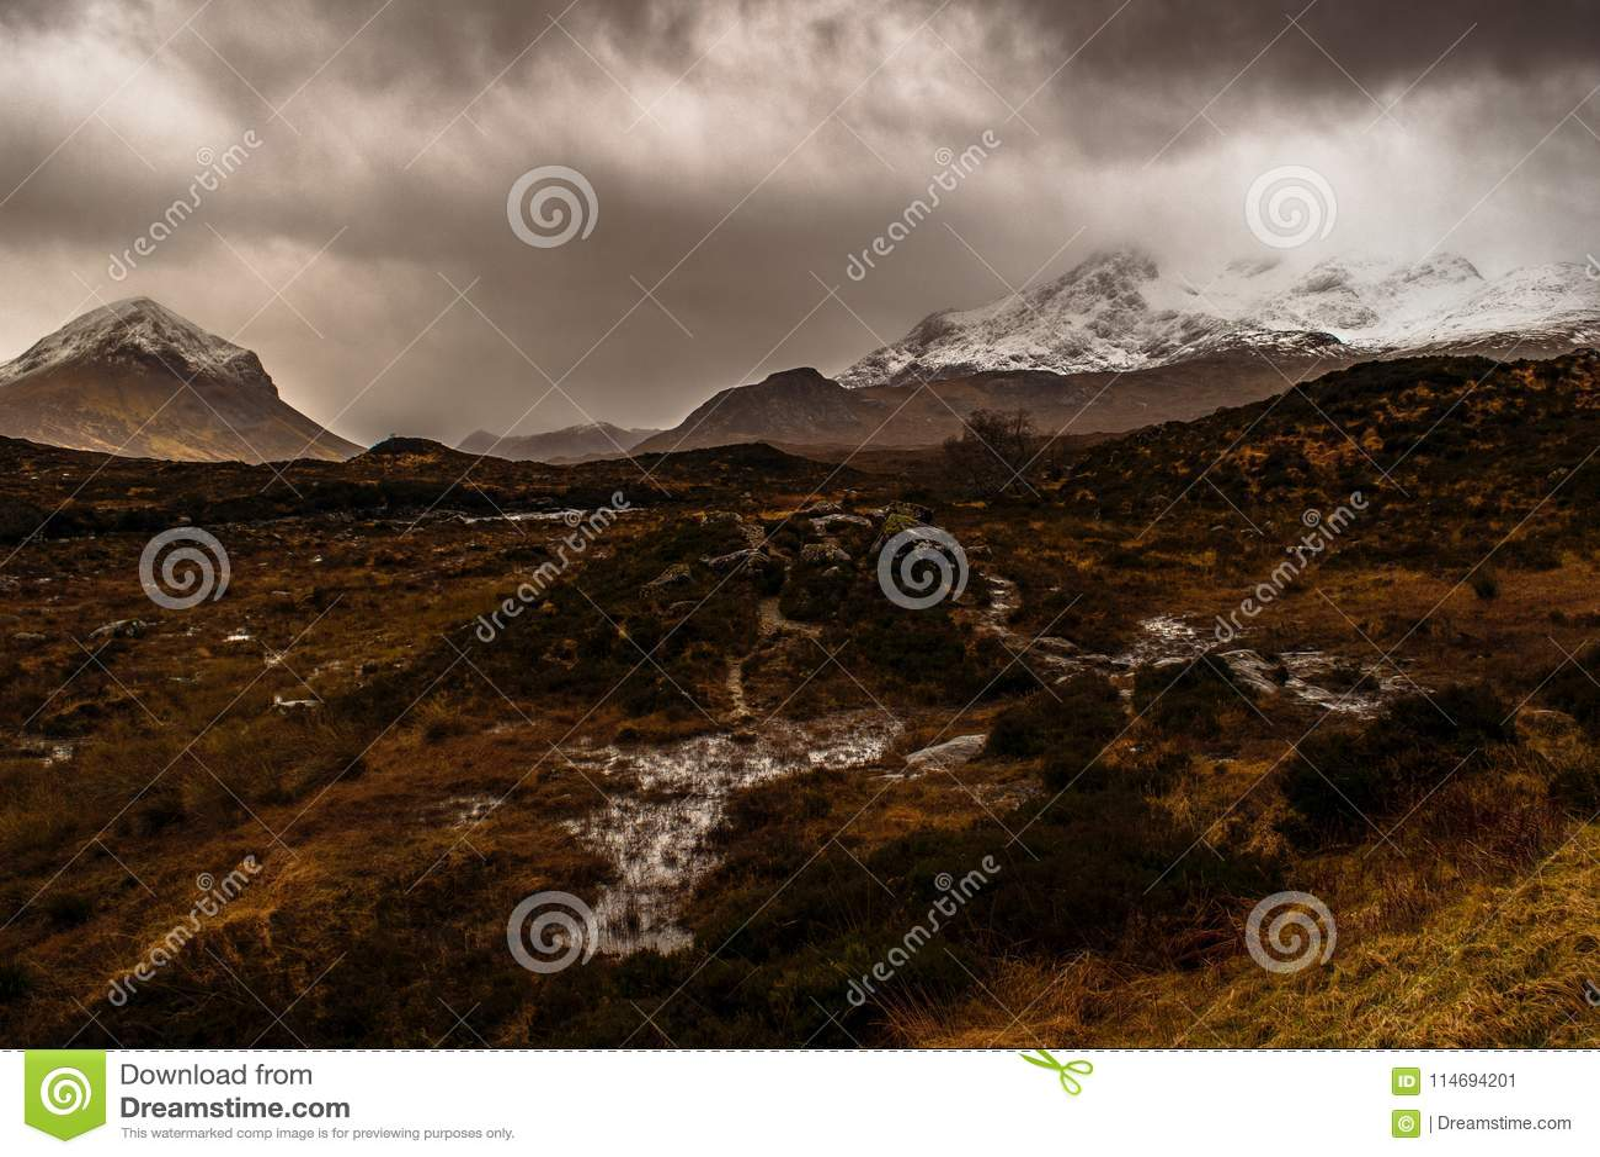 Moor on the Isle of Skye